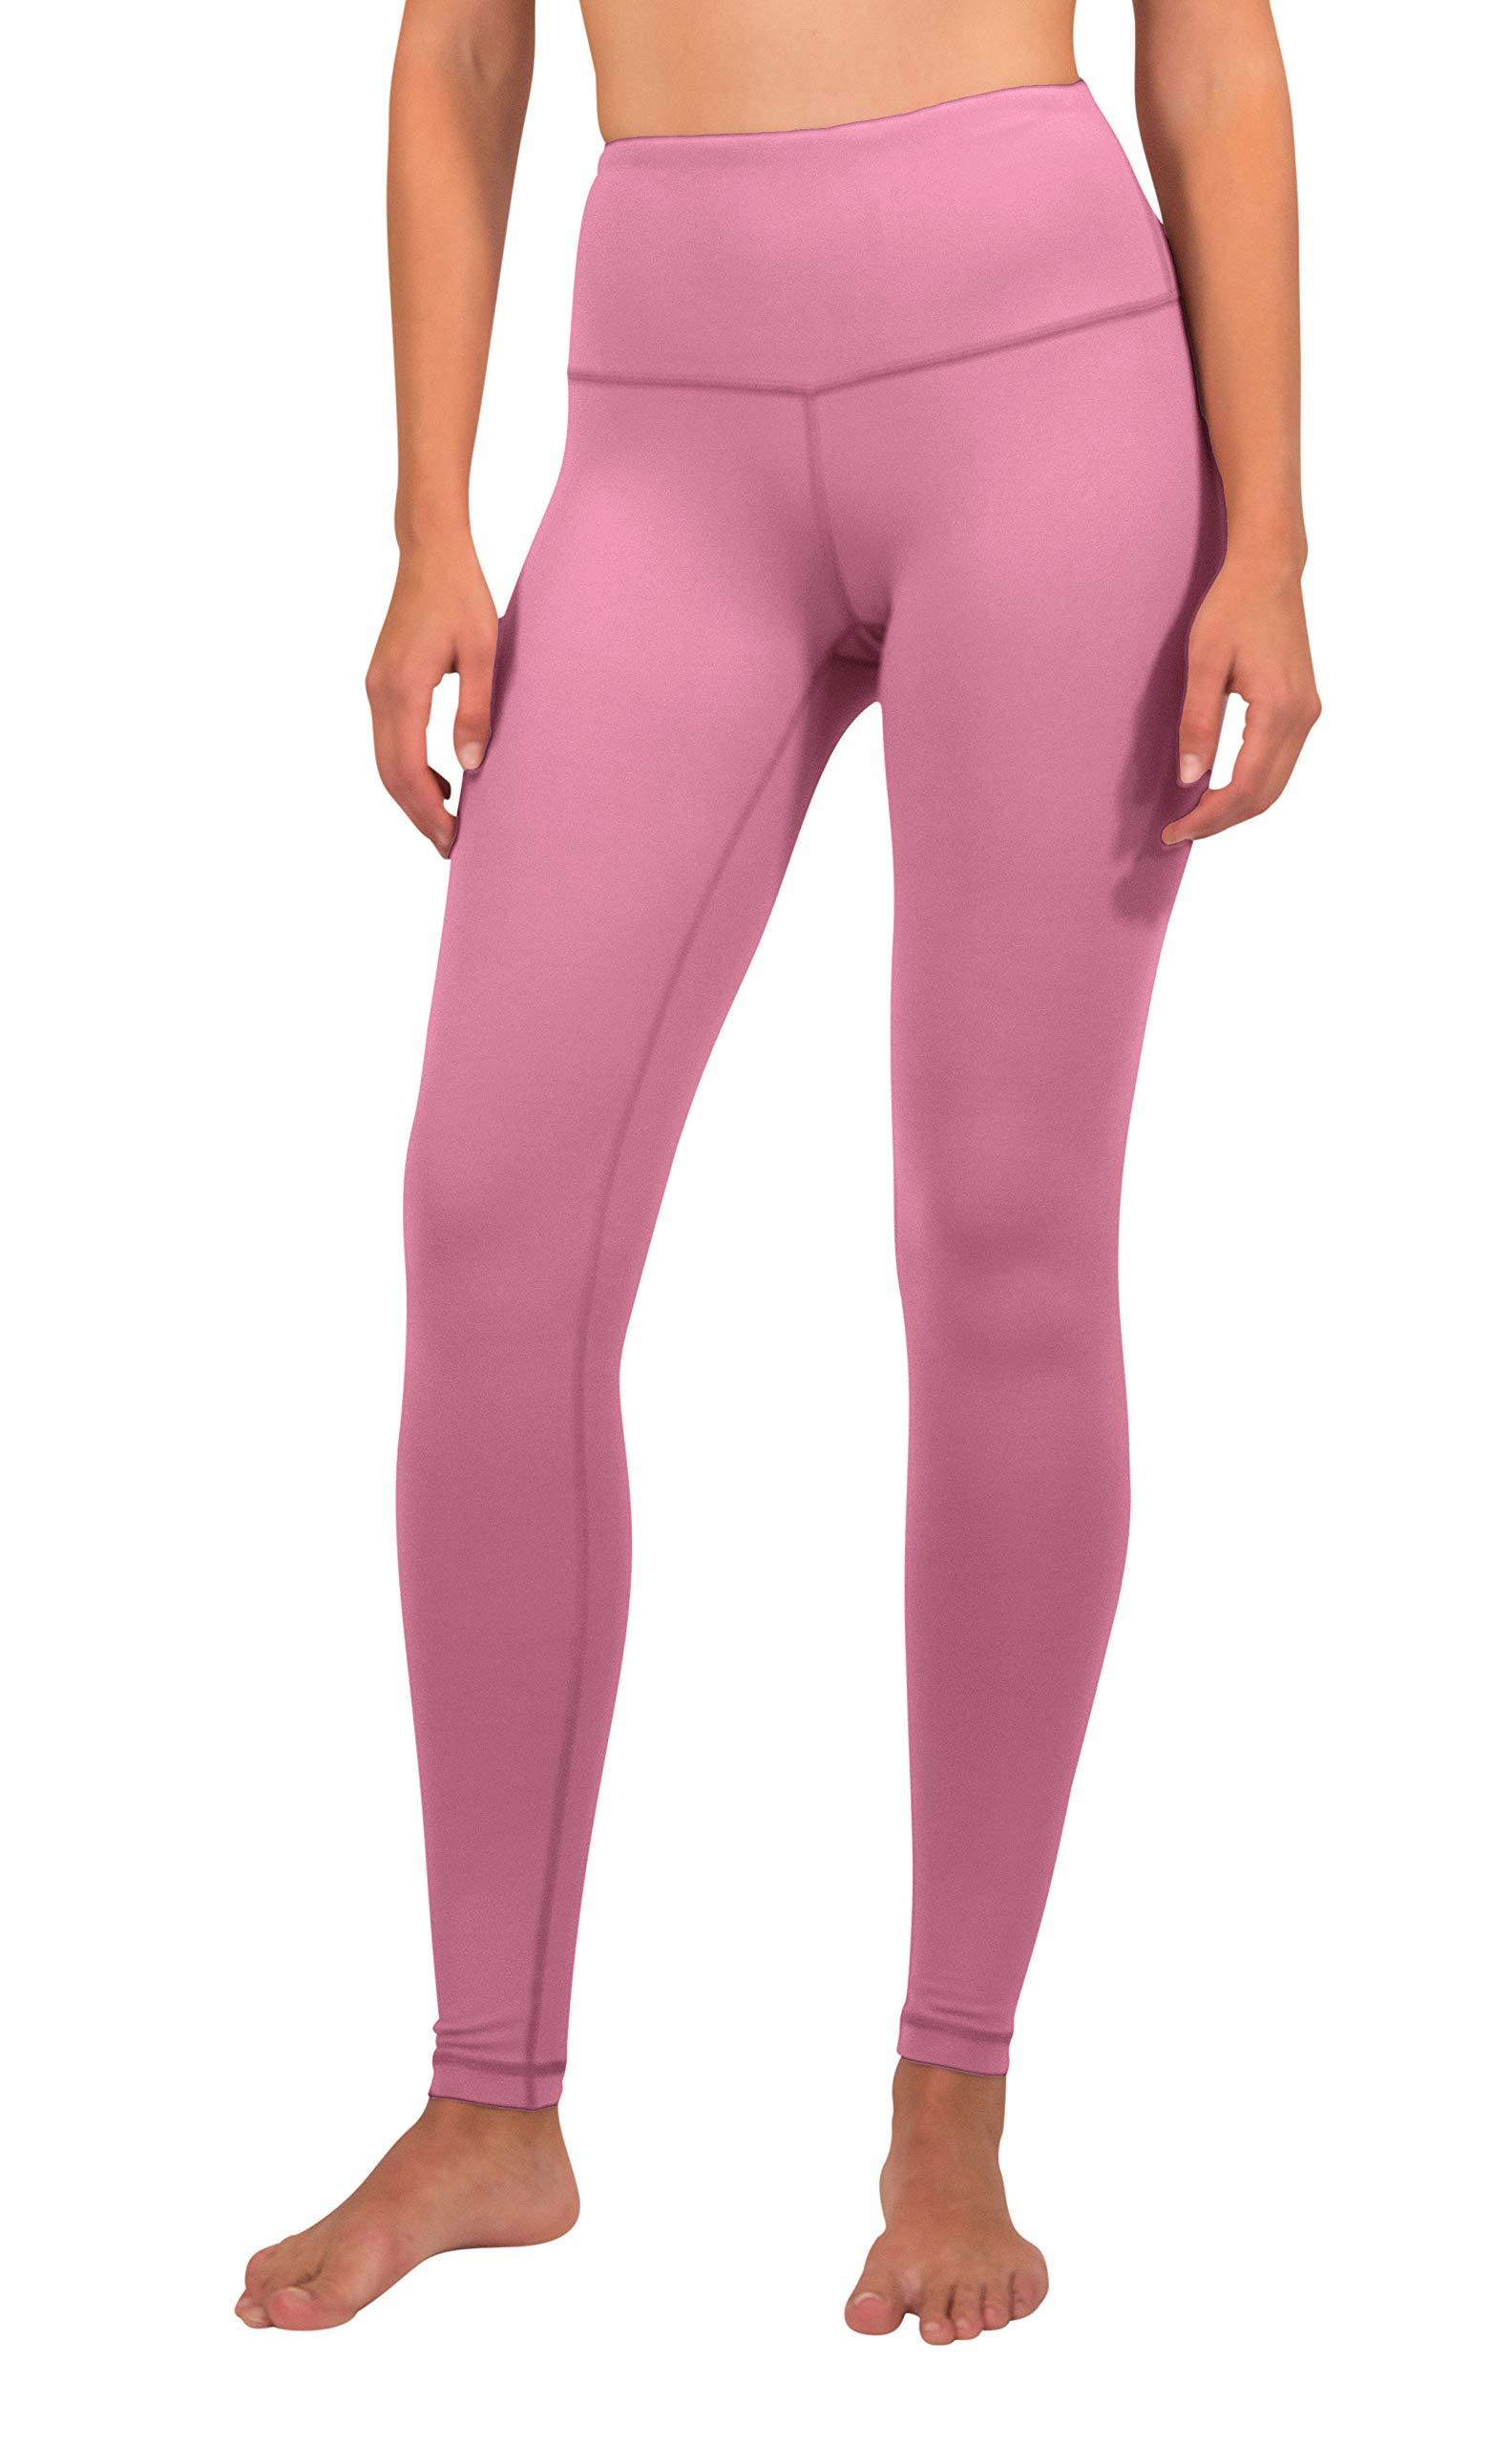 90 Degree By Reflex - High Waist Power Flex Legging - Tummy Control - Pink Ocean - Large by 90 Degree By Reflex